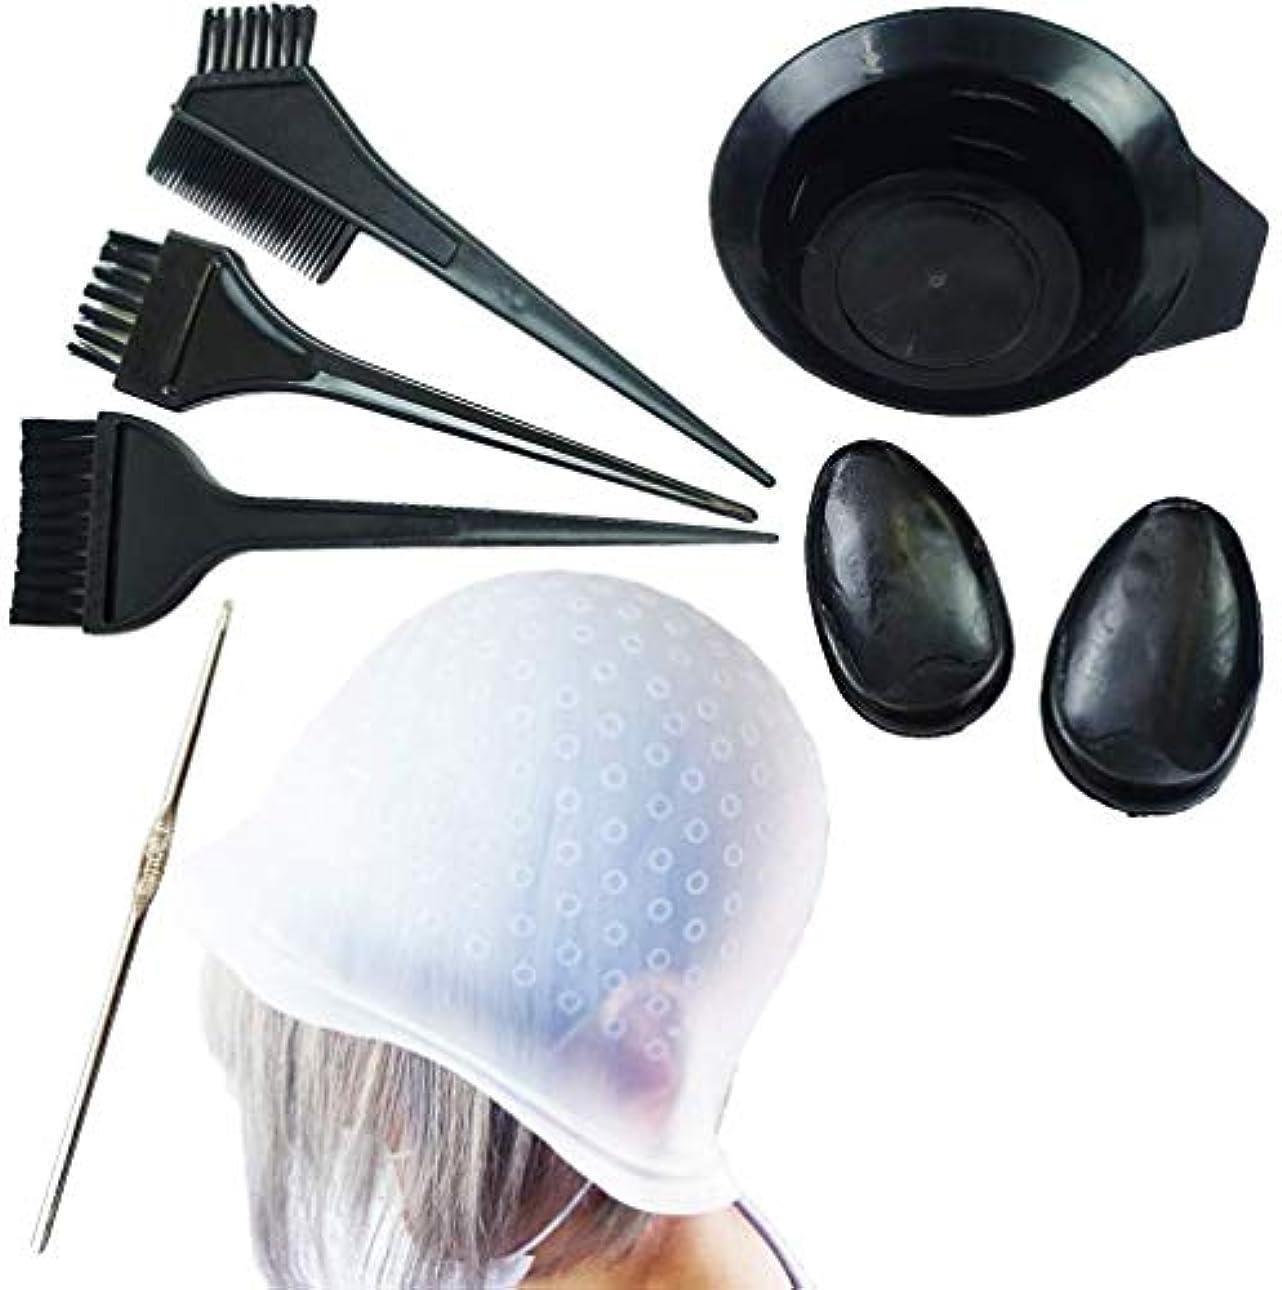 演じる回転させる寝室を掃除する7点セット キャップ 繰り返し使える ヘアダイカップ イヤーキャップ セルフヘアカラーセット ハイライト 毛染め